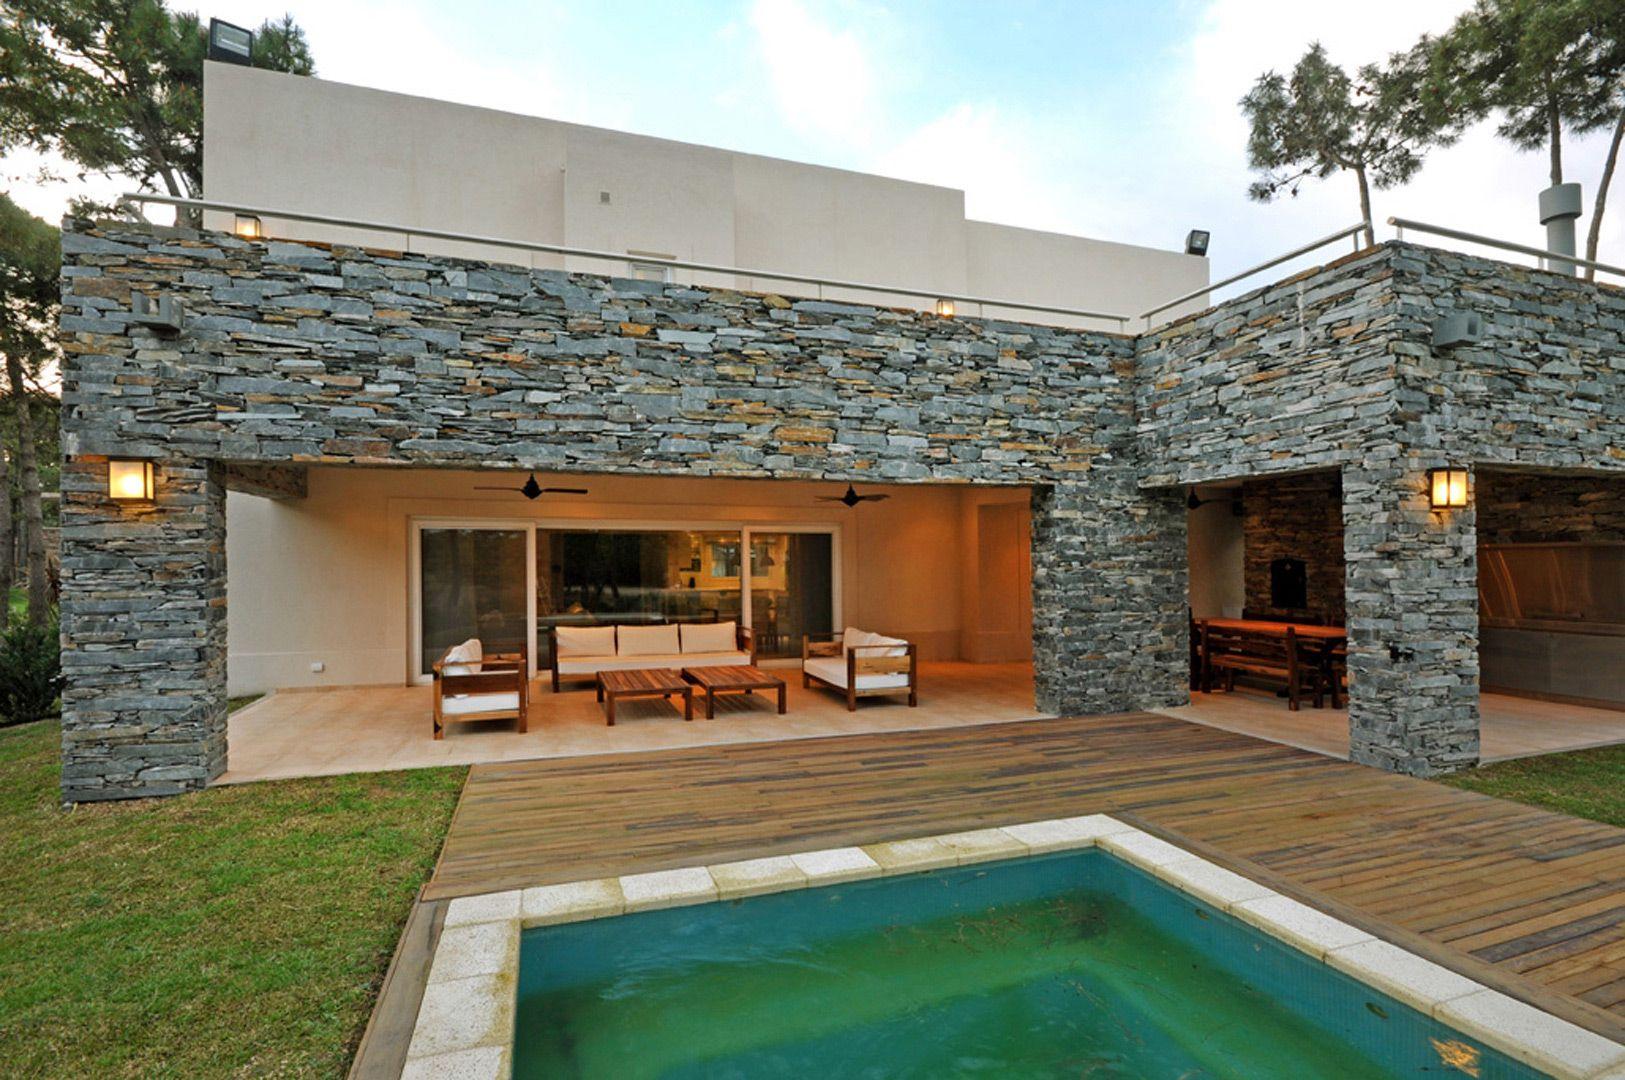 Fern ndez borda arquitectura casas con pileta casas for Casa moderna quincho